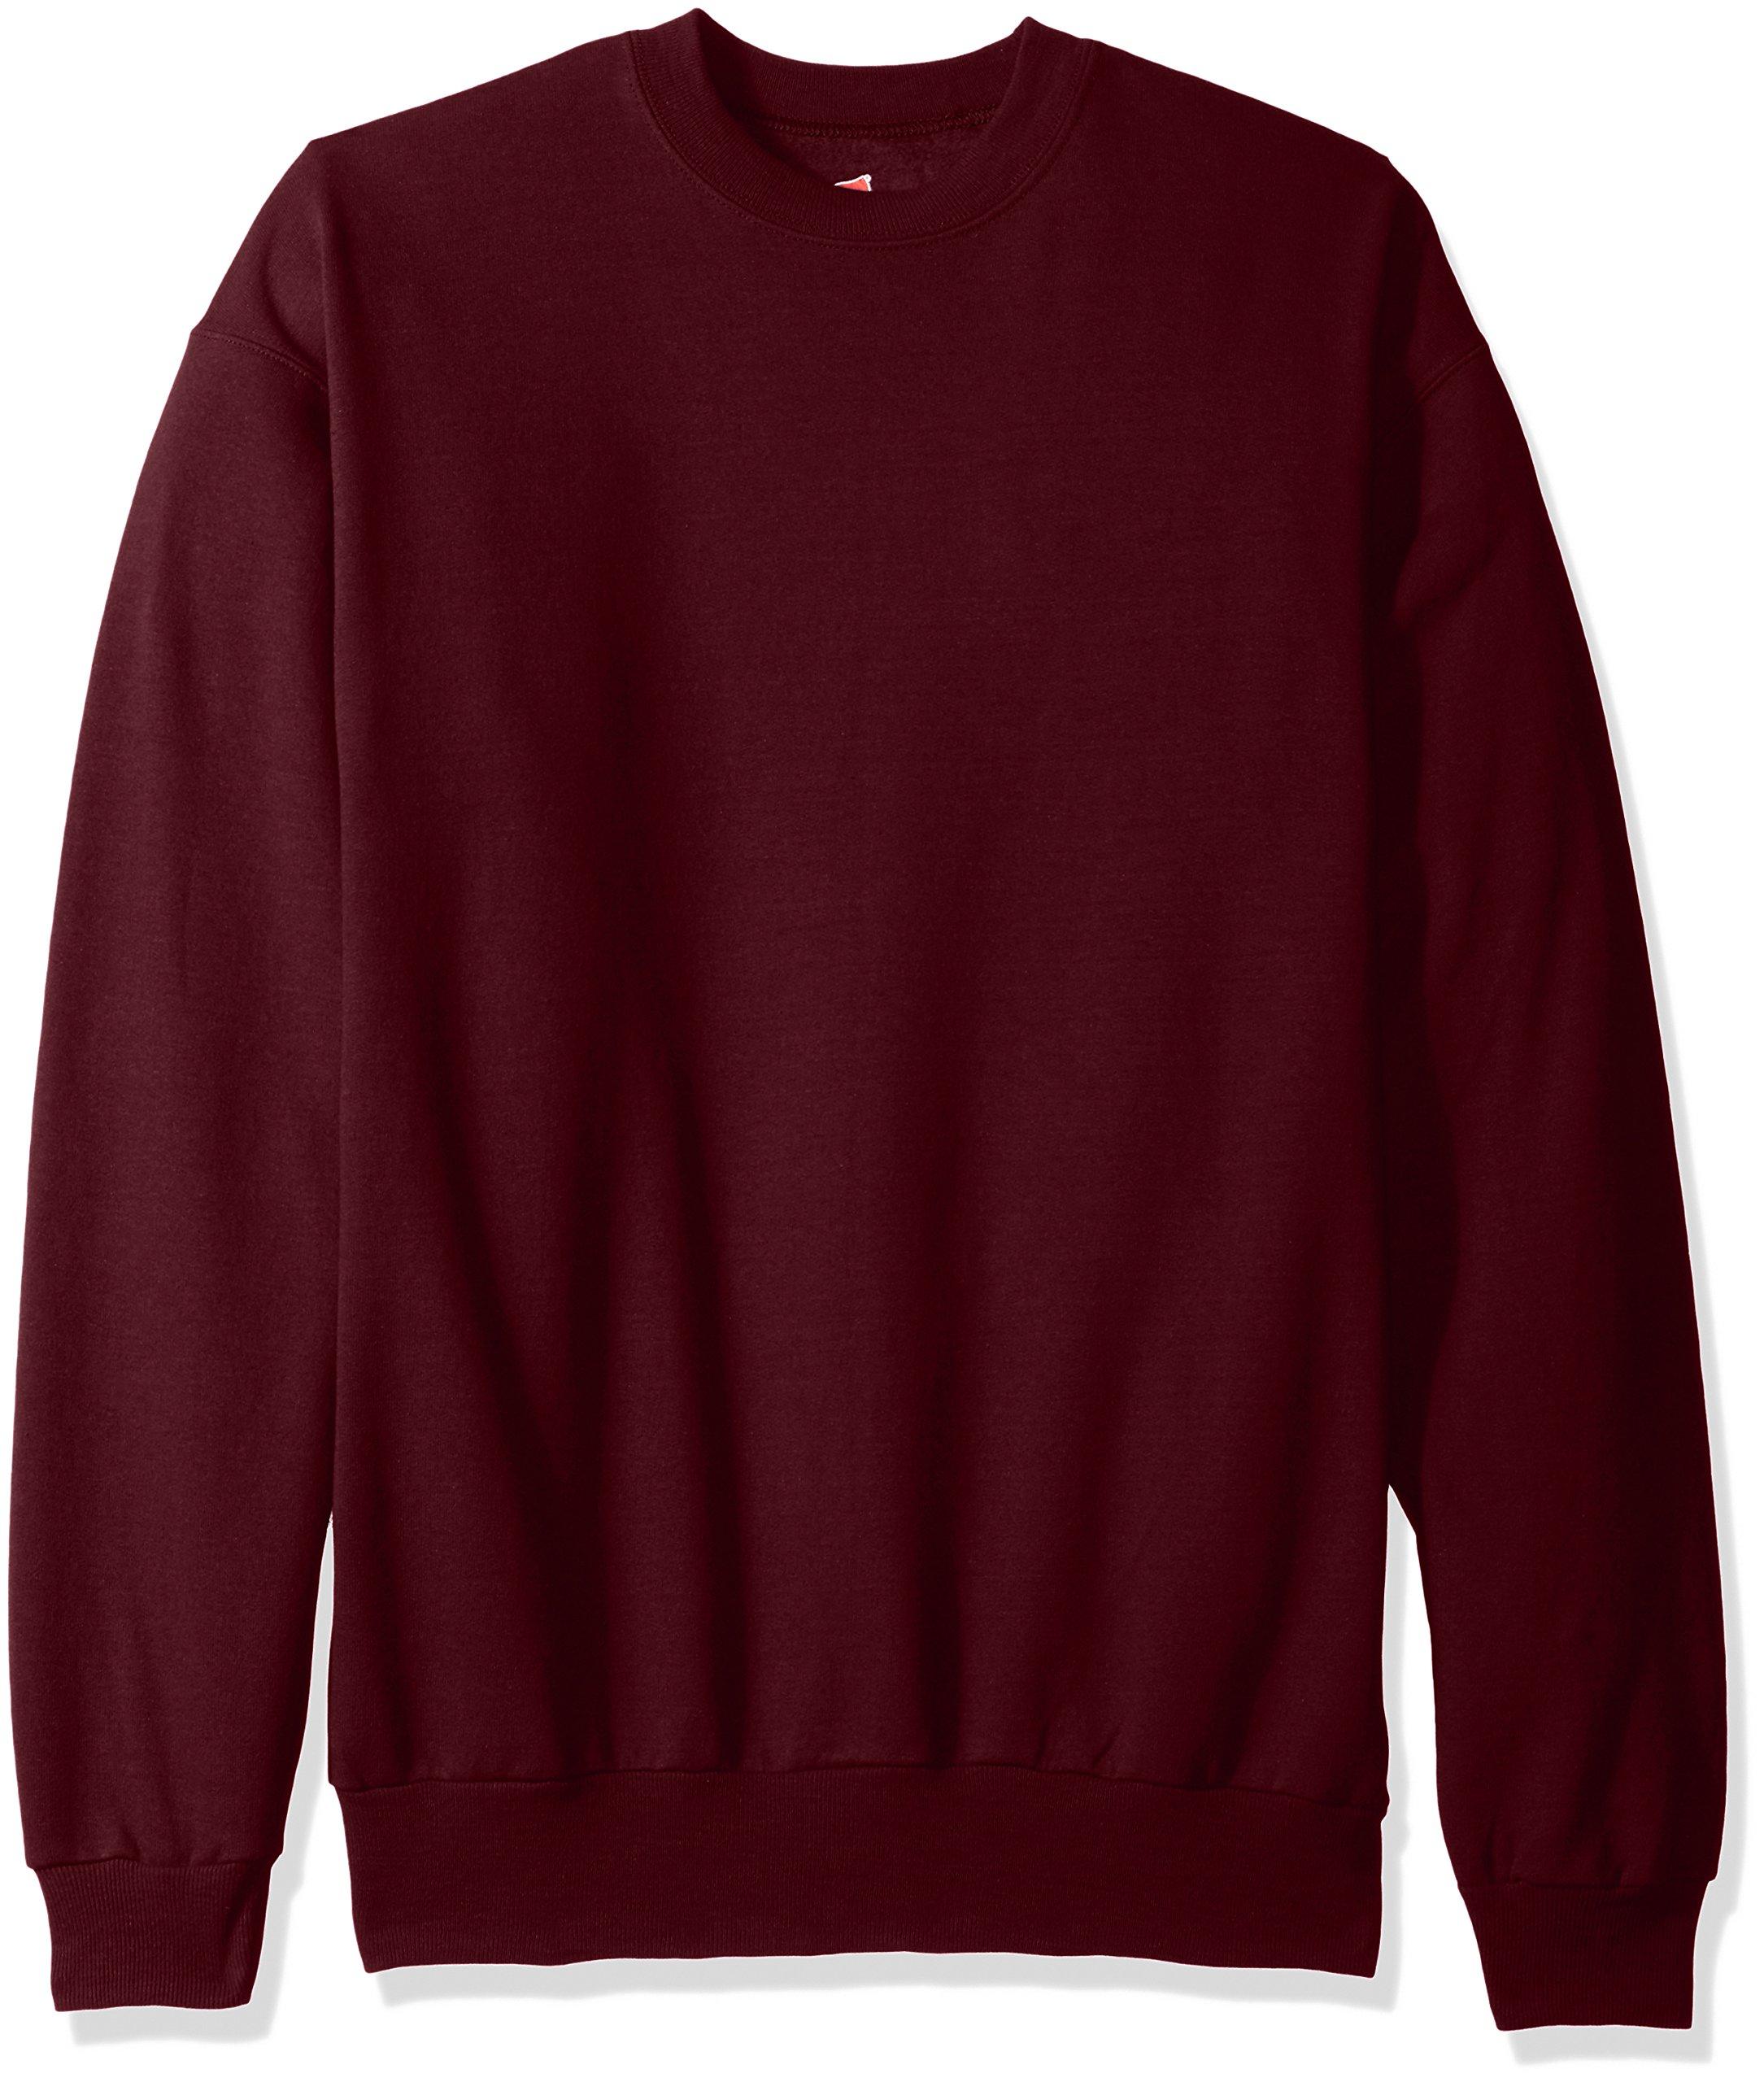 Hanes Men's EcoSmart Fleece Sweatshirt, Maroon, 2XL